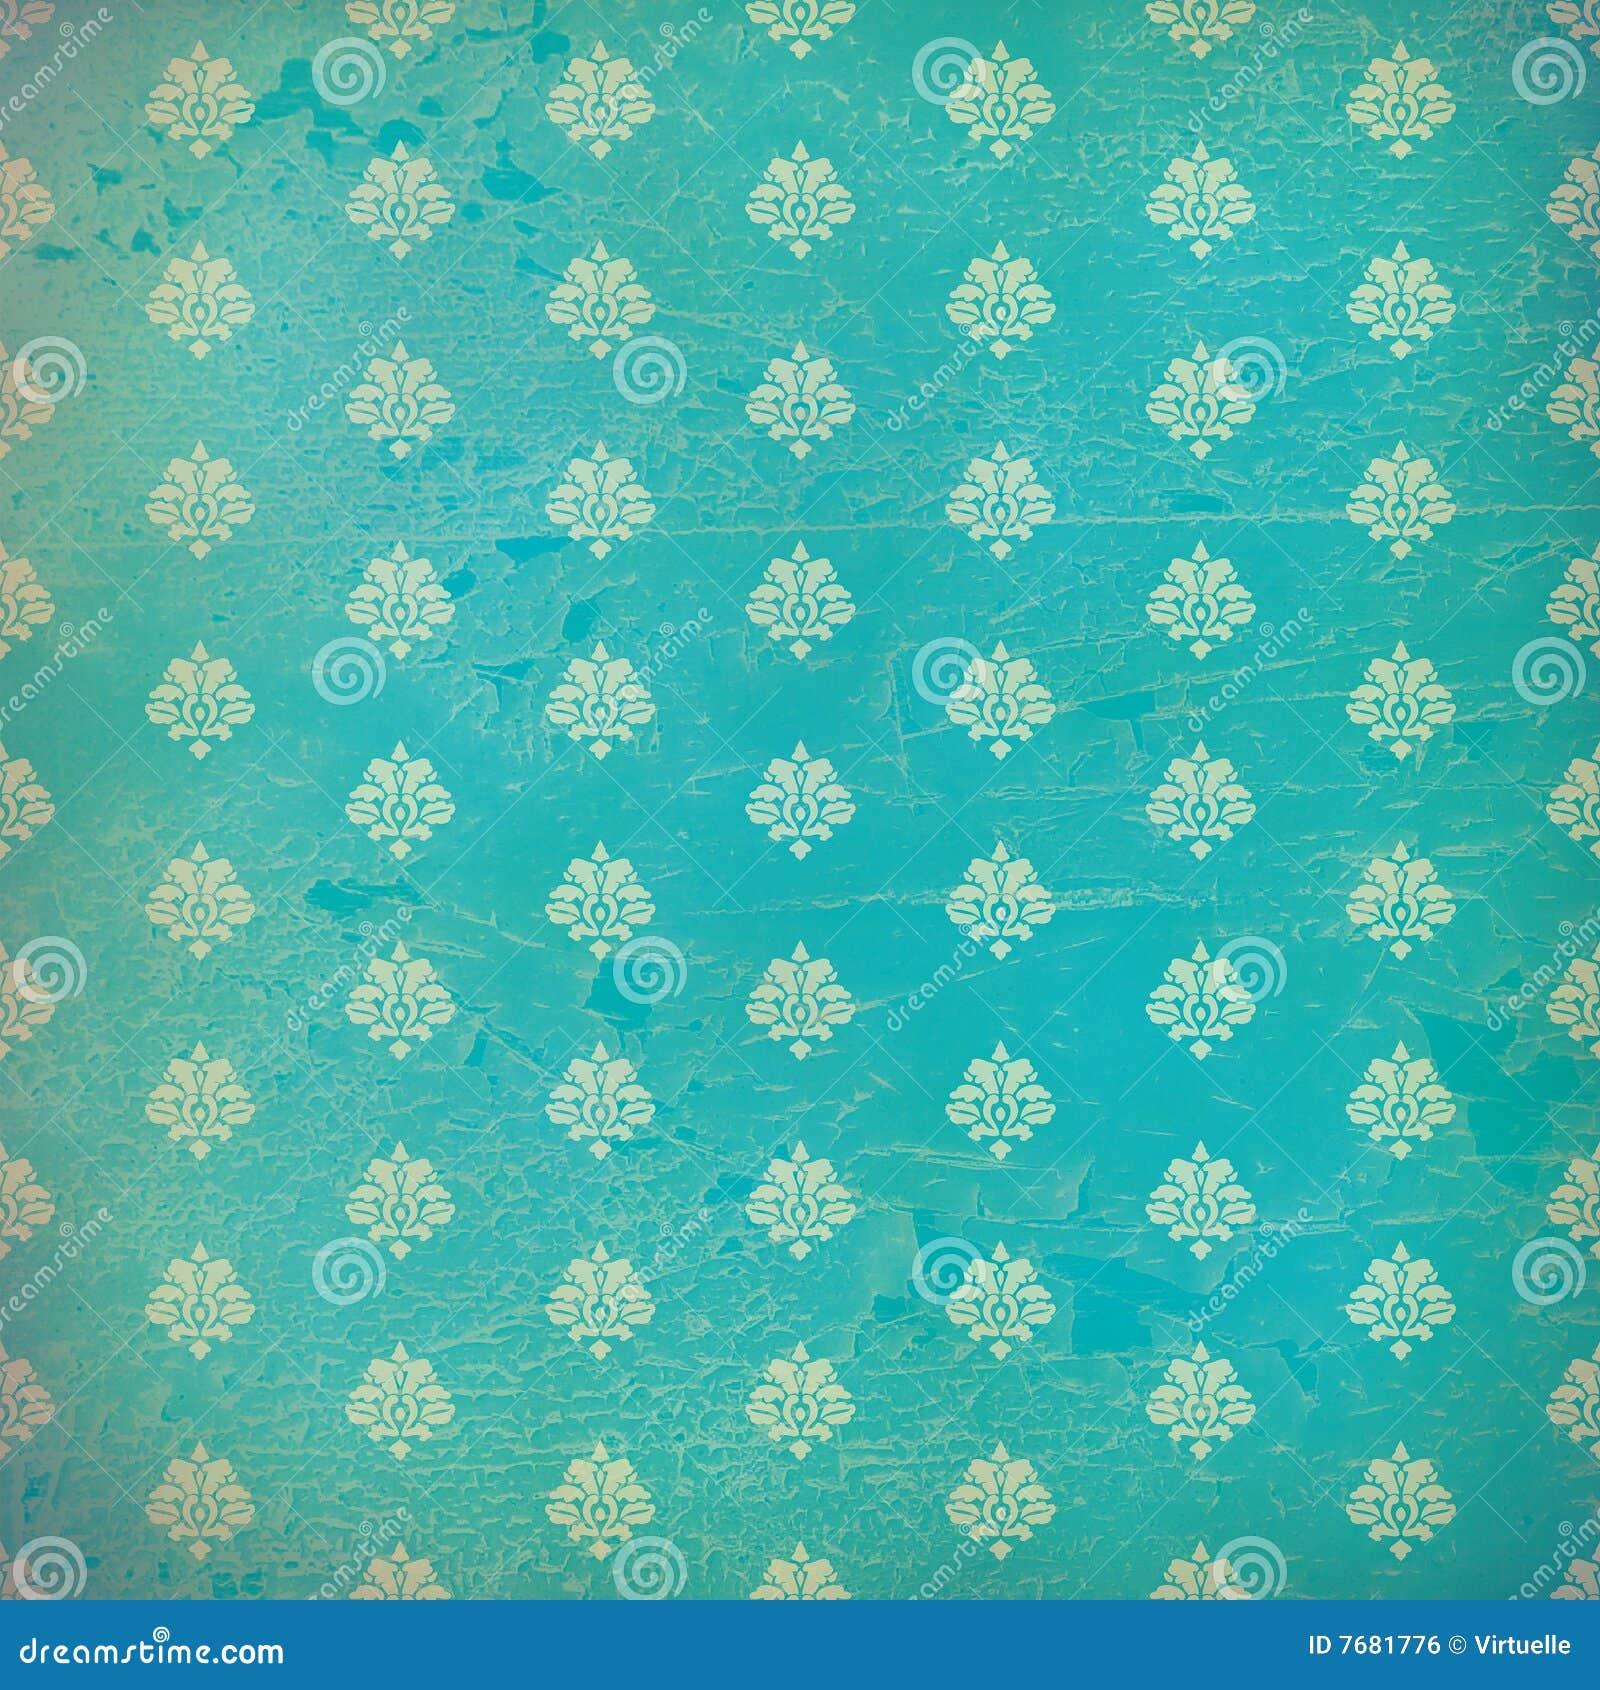 Blue damask grunge wallpaper